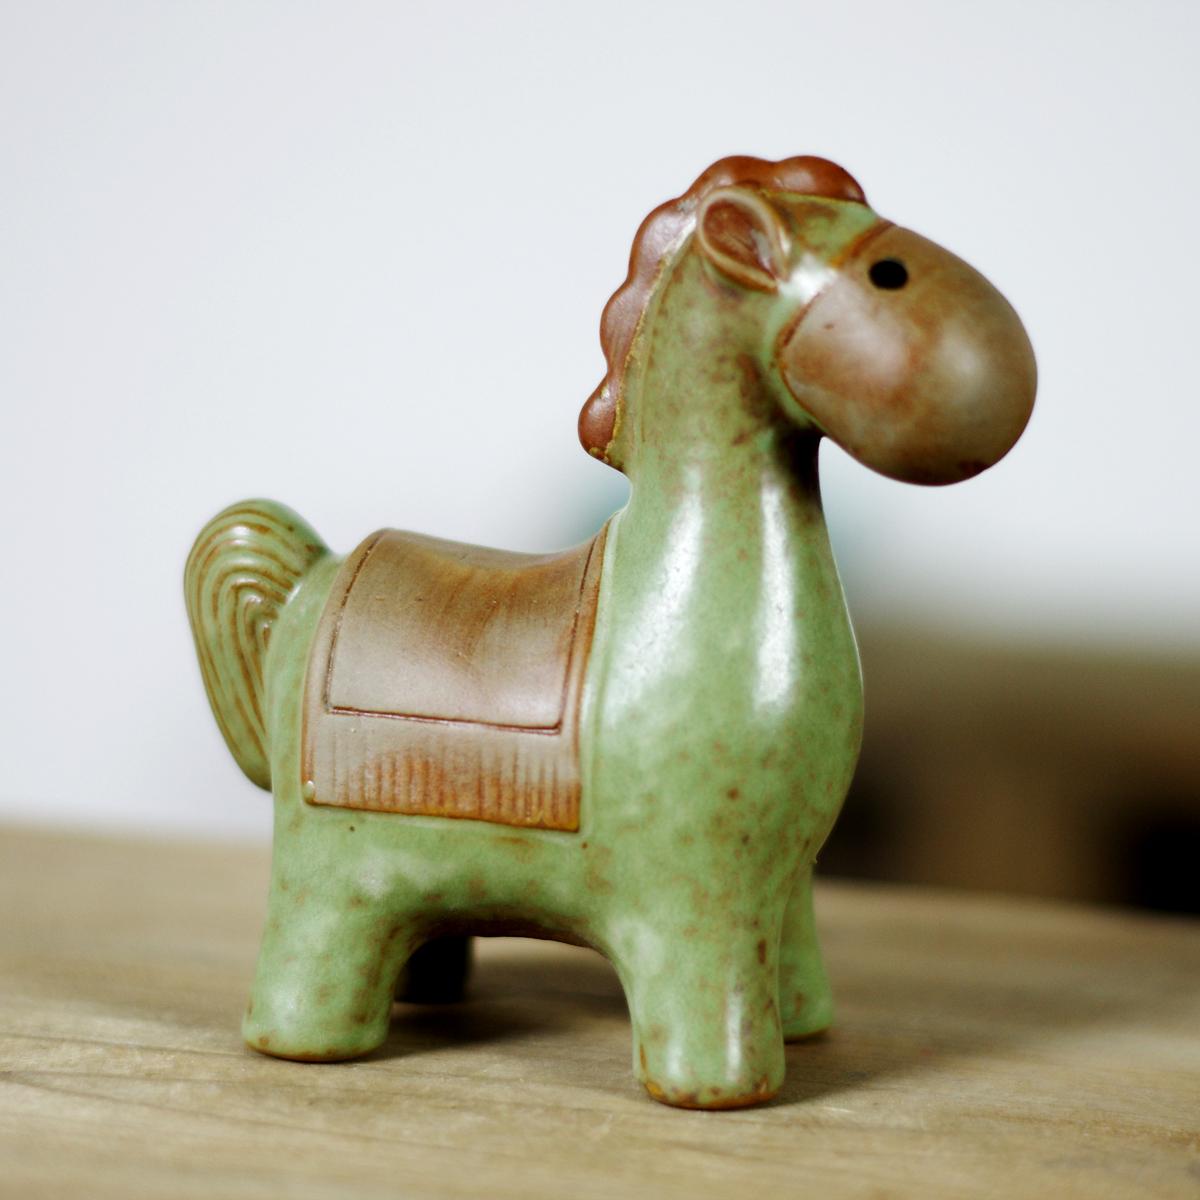 温馨e园 苔藓微景观饰品 迷你小鹿一家 DIY组装小摆件玩具